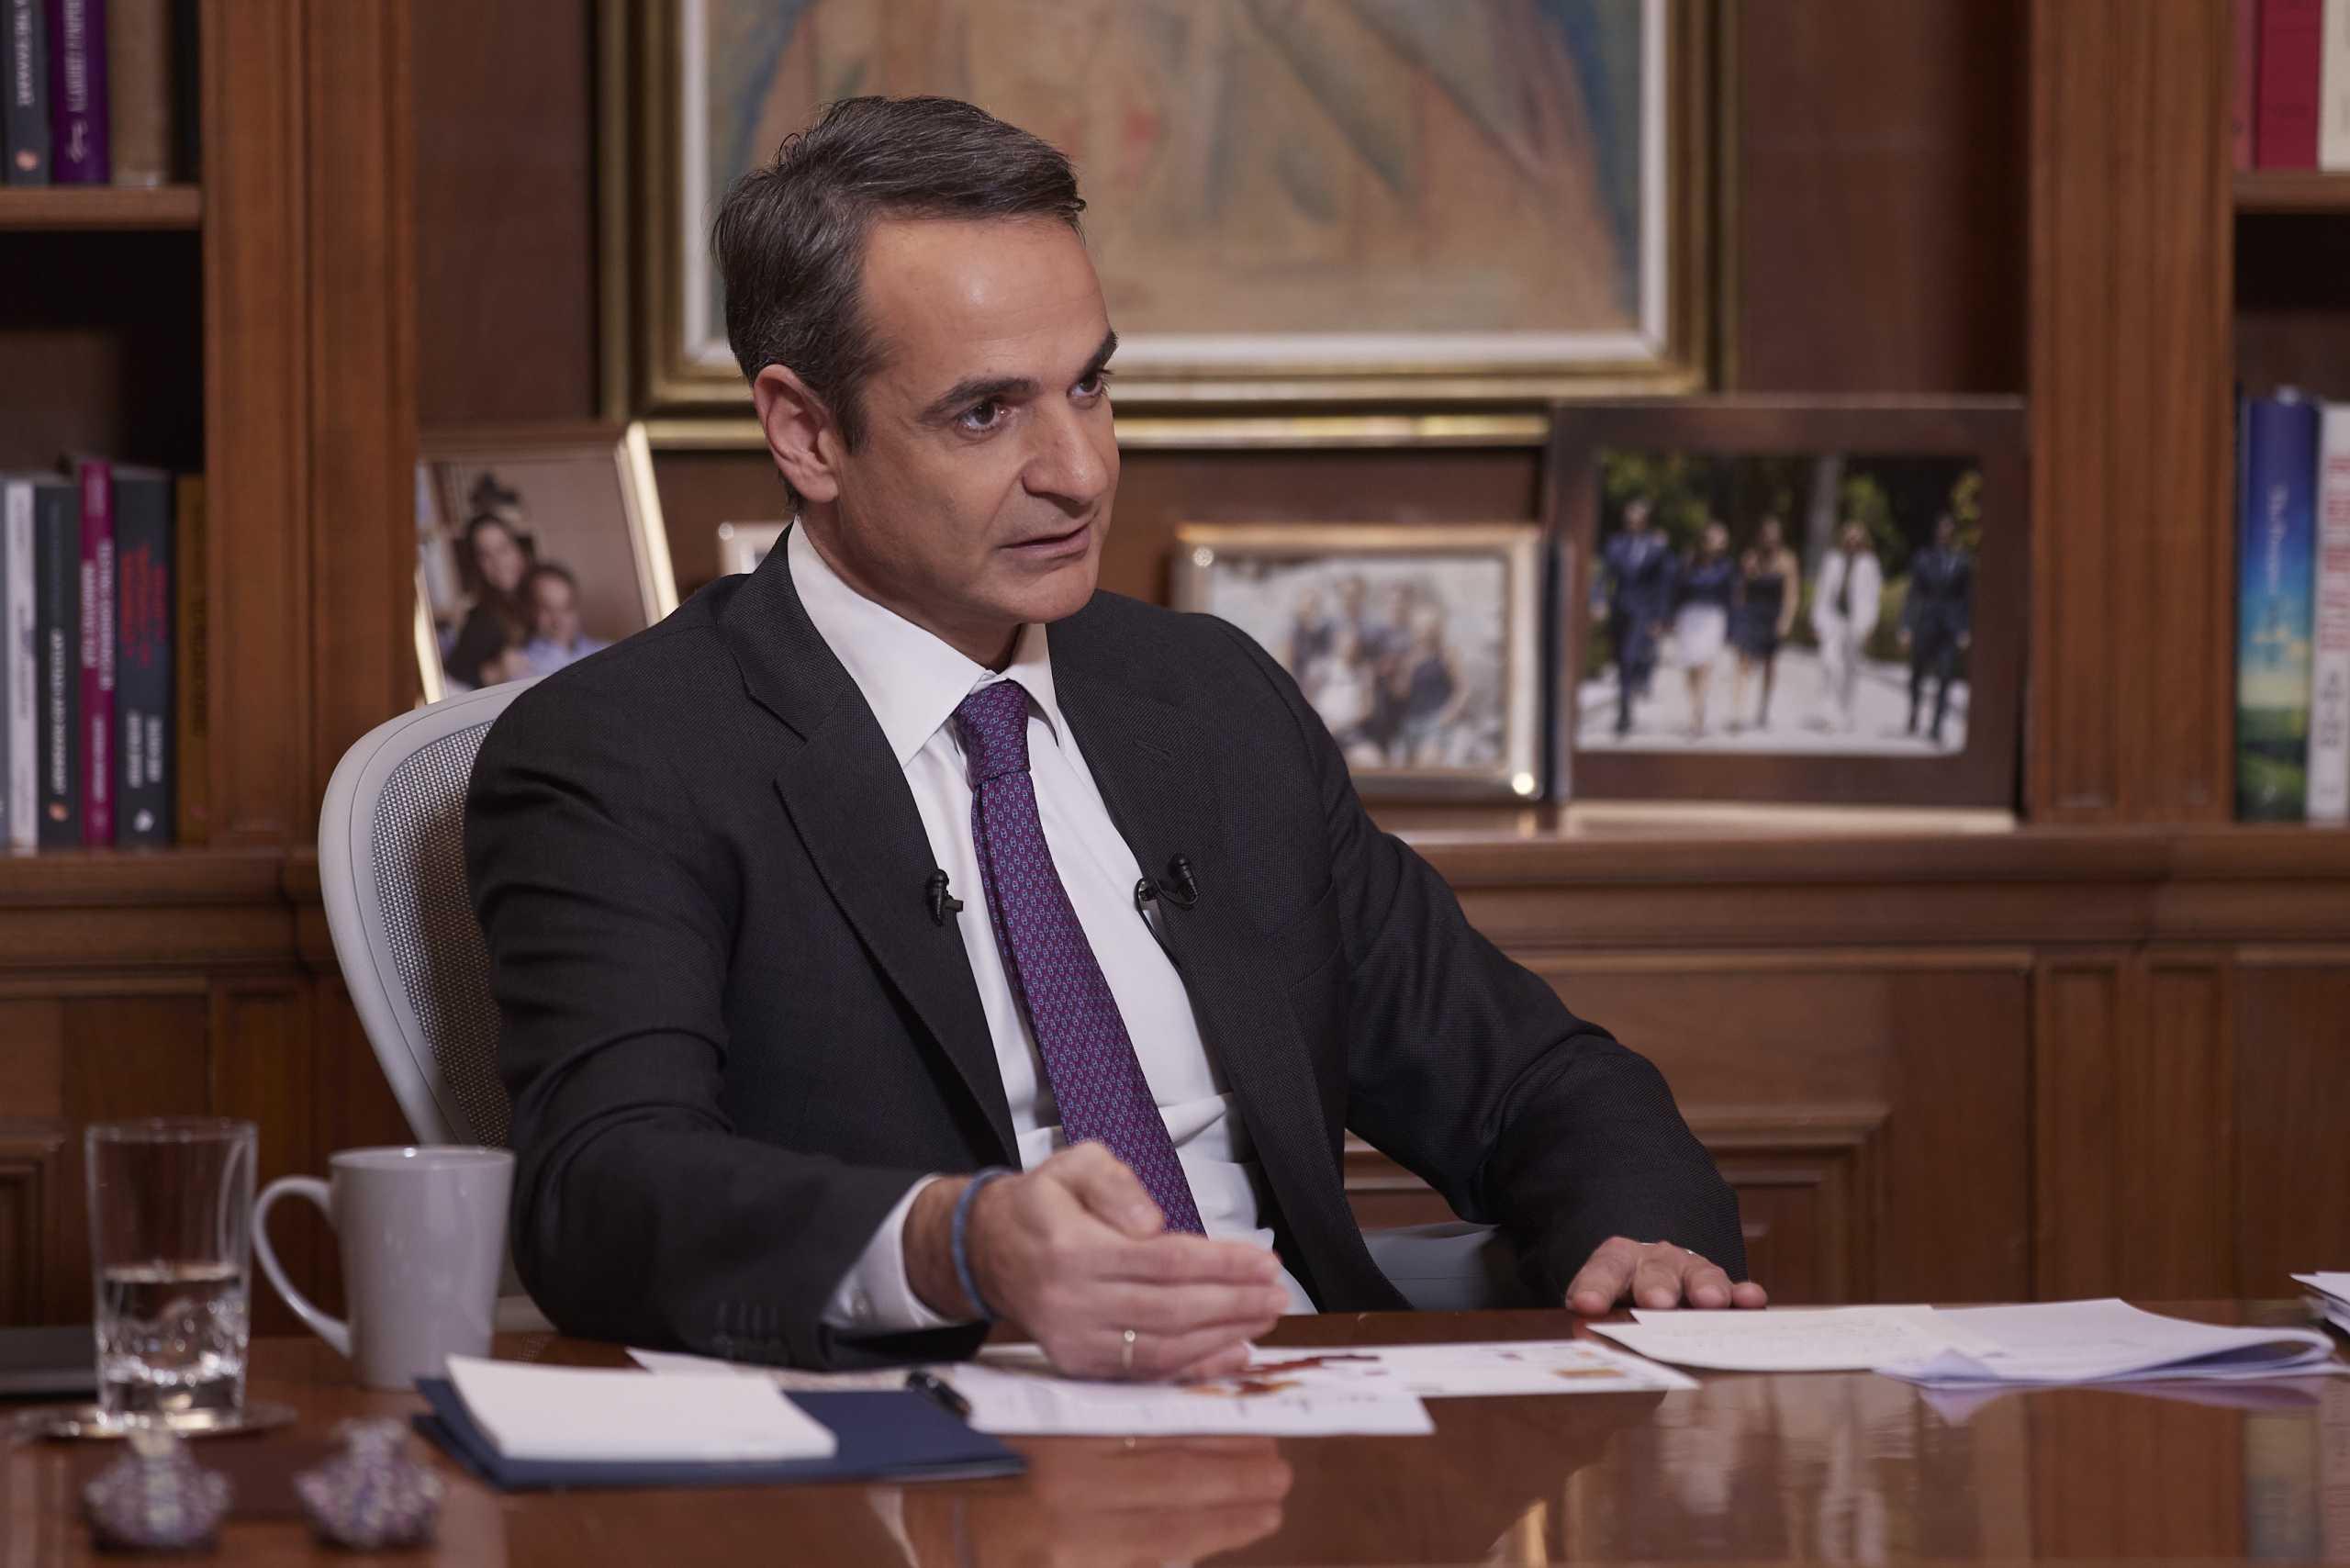 Κυριάκος Μητσοτάκης: Η συνέντευξη του πρωθυπουργού στο ΣΚΑΪ